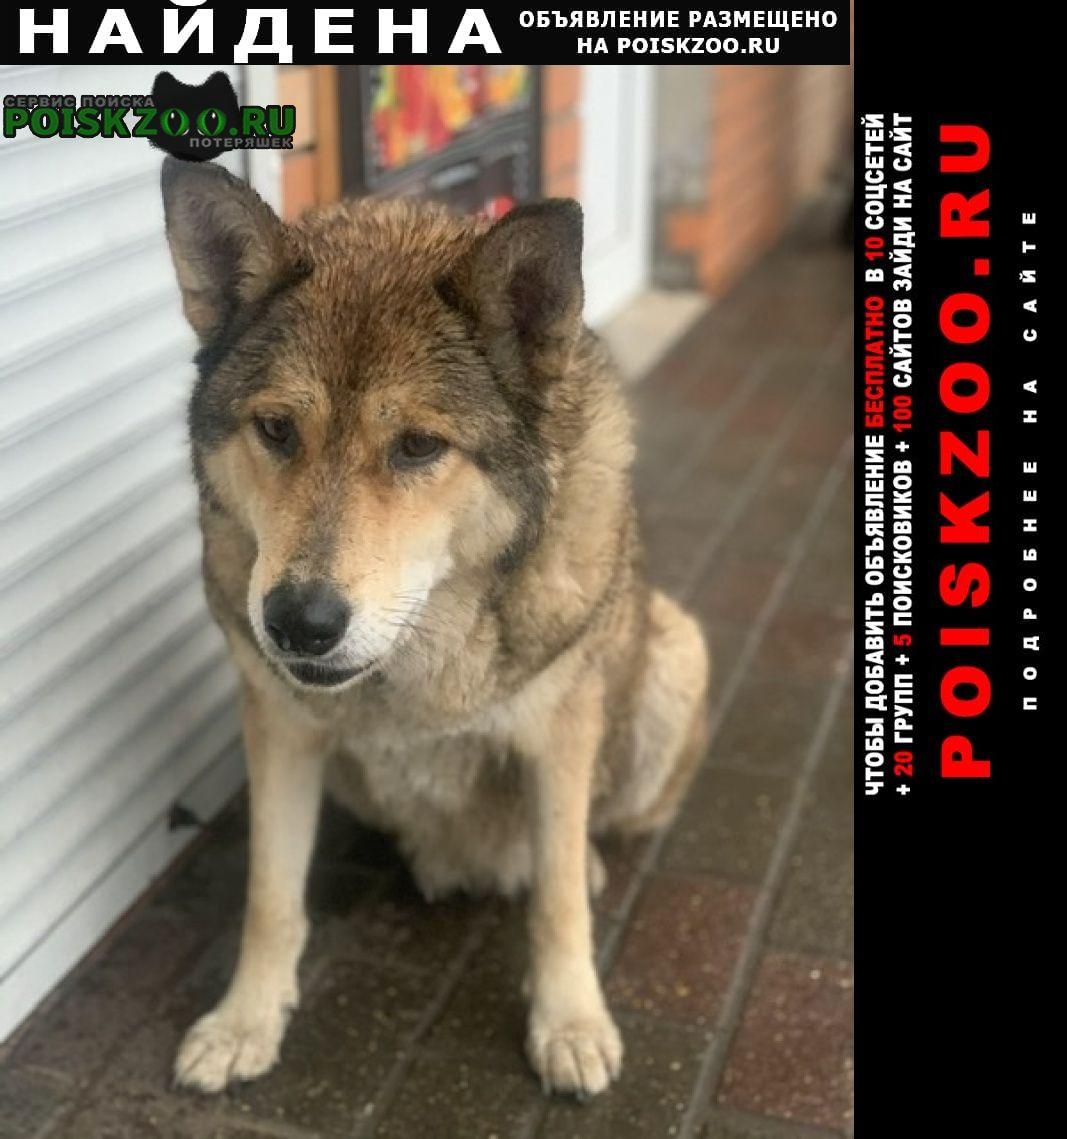 Найдена собака кобель в истре Истра